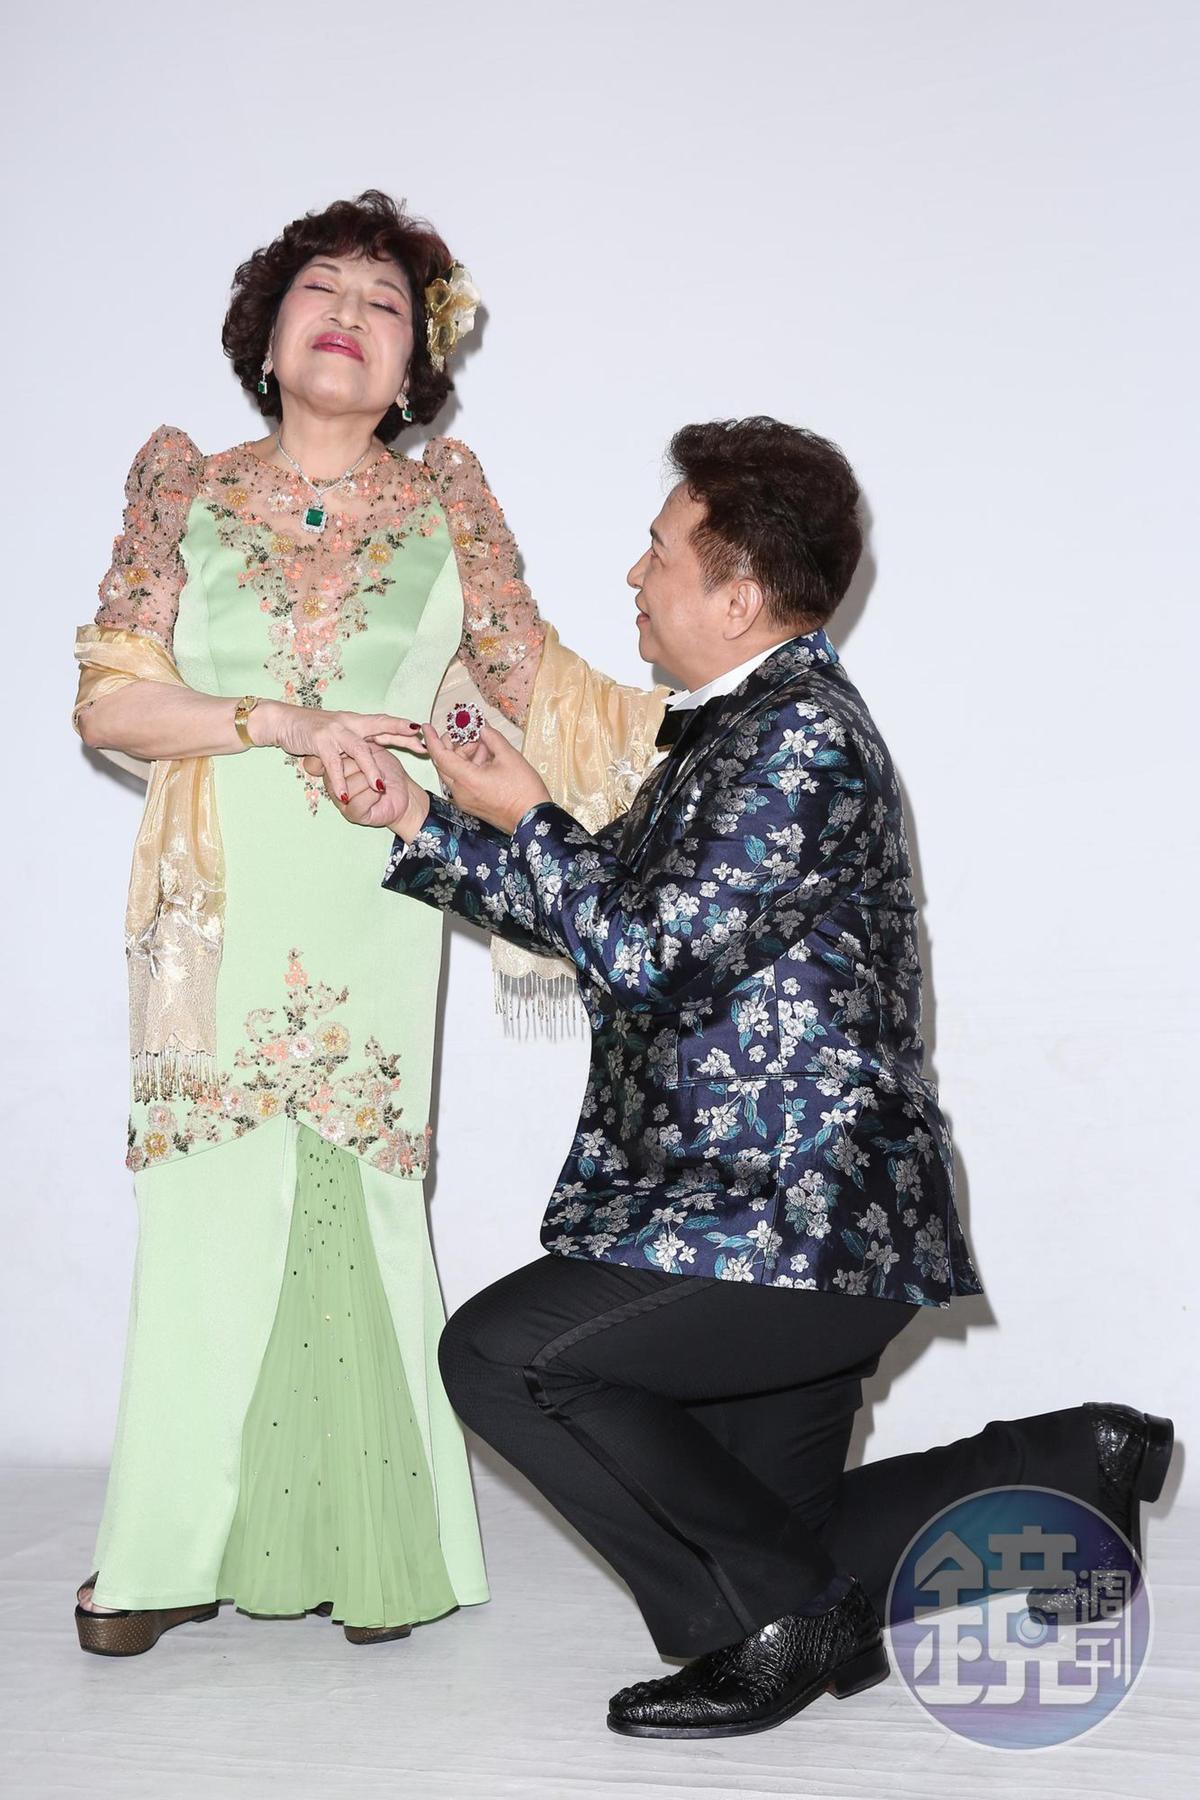 雖然早就是老夫老妻,但李朝永下跪做出求婚貌,周遊仍是羞答答。